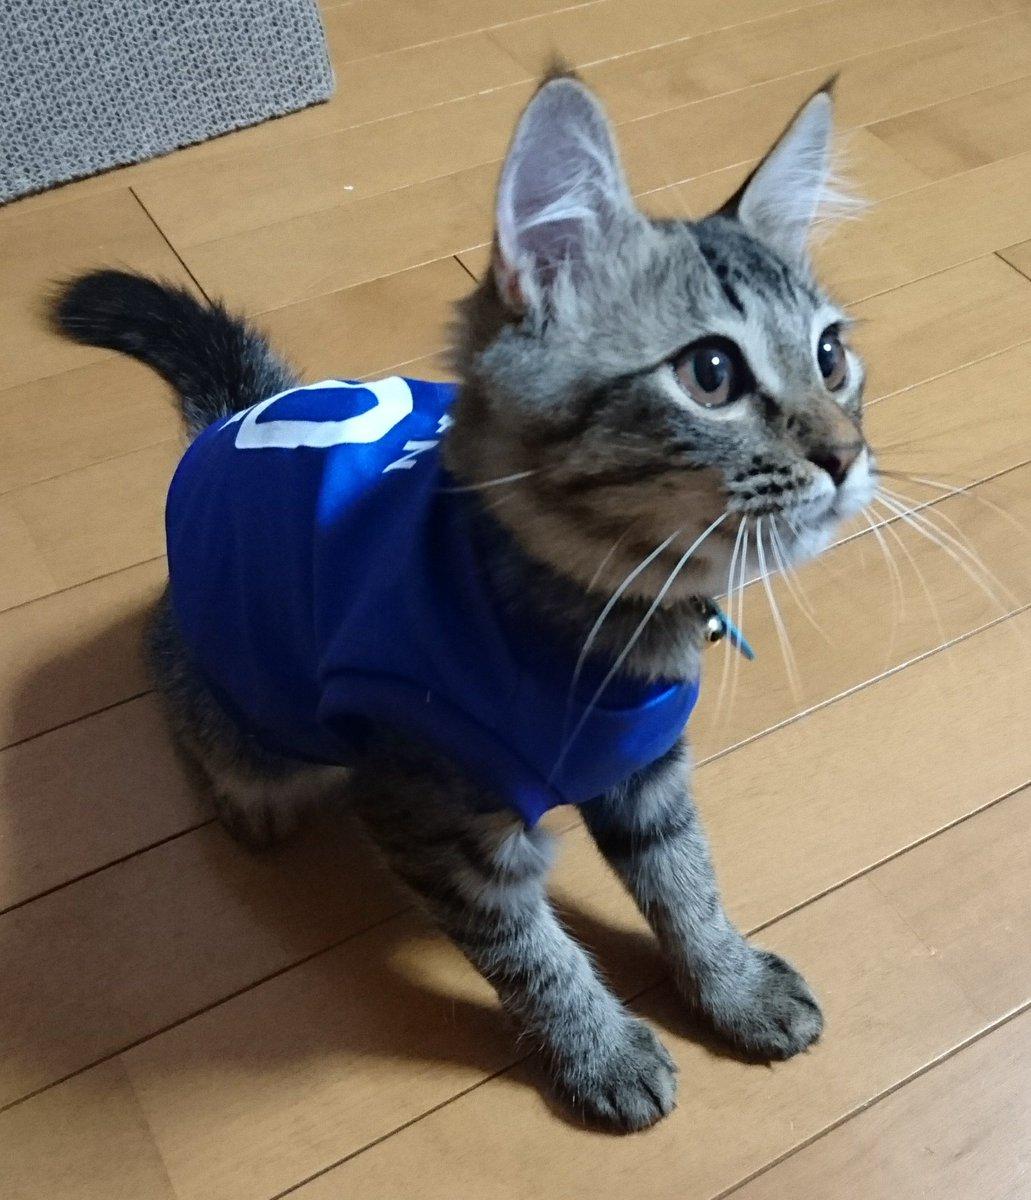 test ツイッターメディア - からのバロンたん。  #ねこ #こねこ #保護猫 #サッカーユニフォーム #100均 #DAISO https://t.co/1d6rVd7f4G